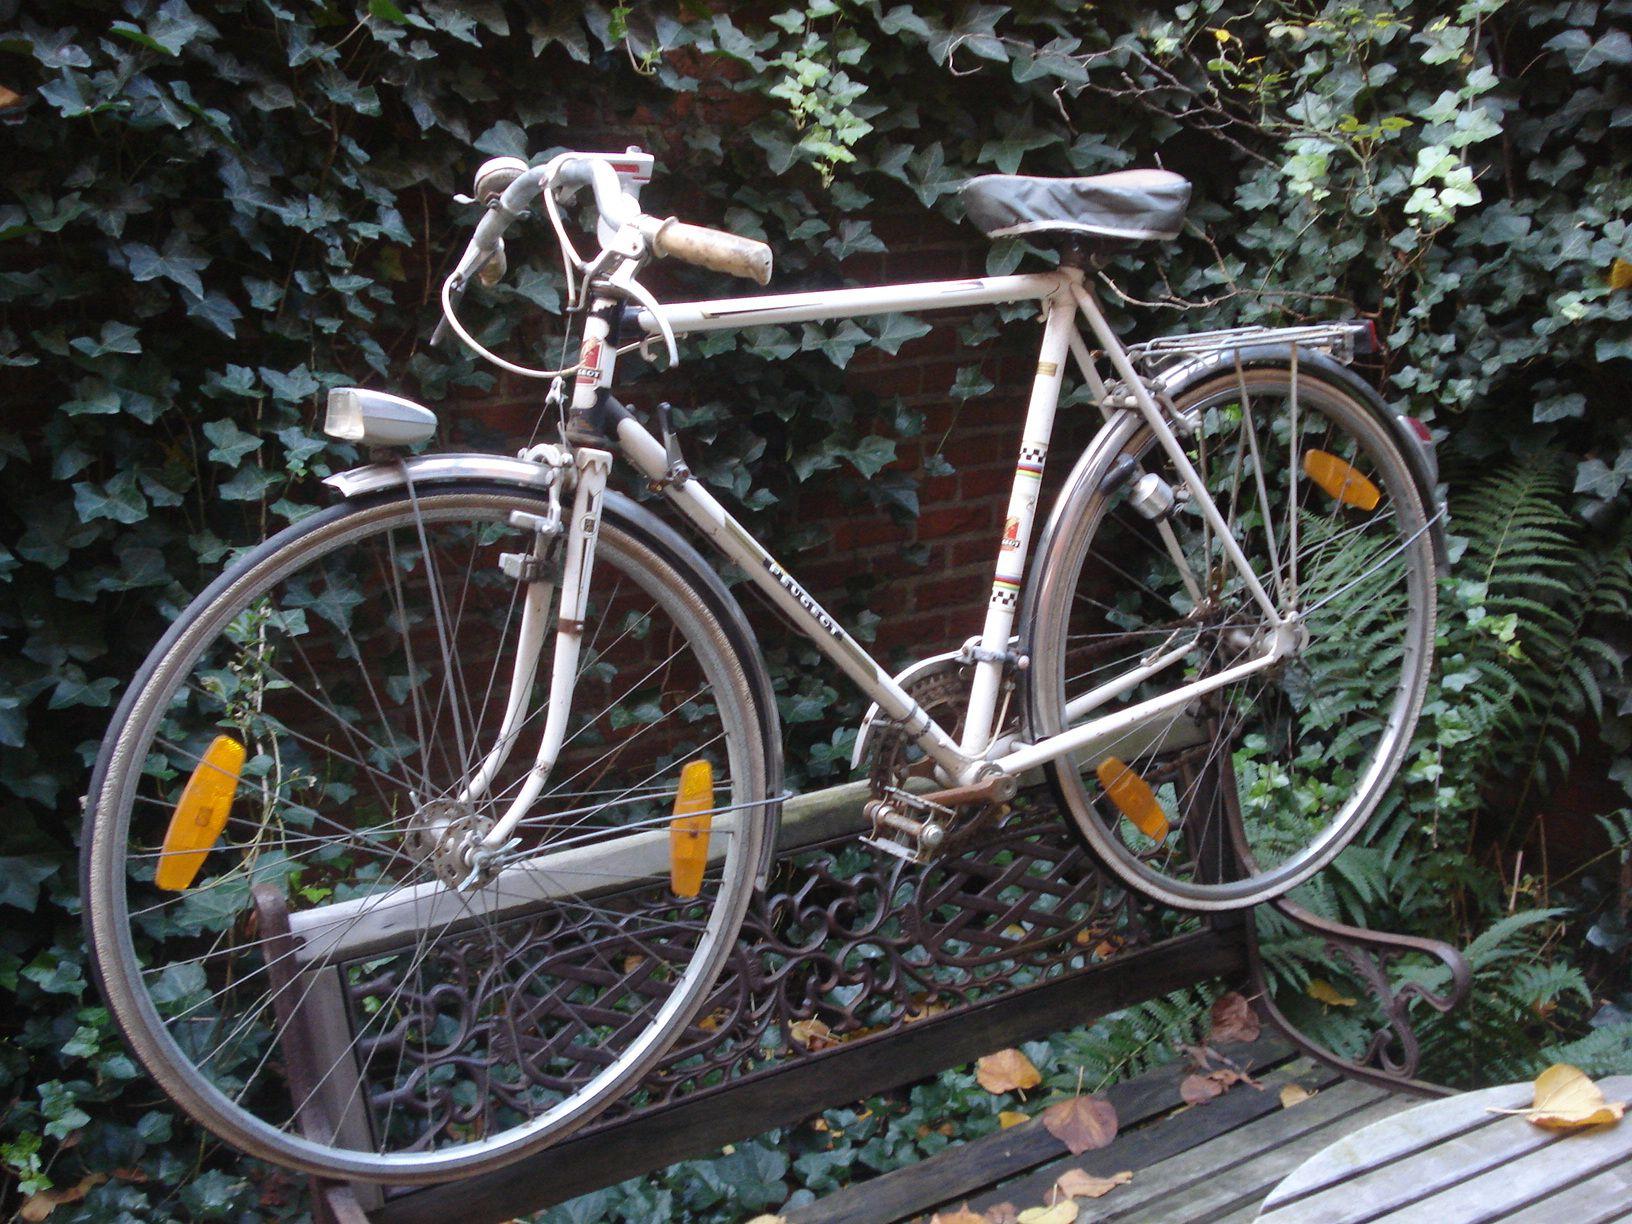 PEUGEOT randonneur oldtimer met lederen IDEALE zadel | De fietsenist ...